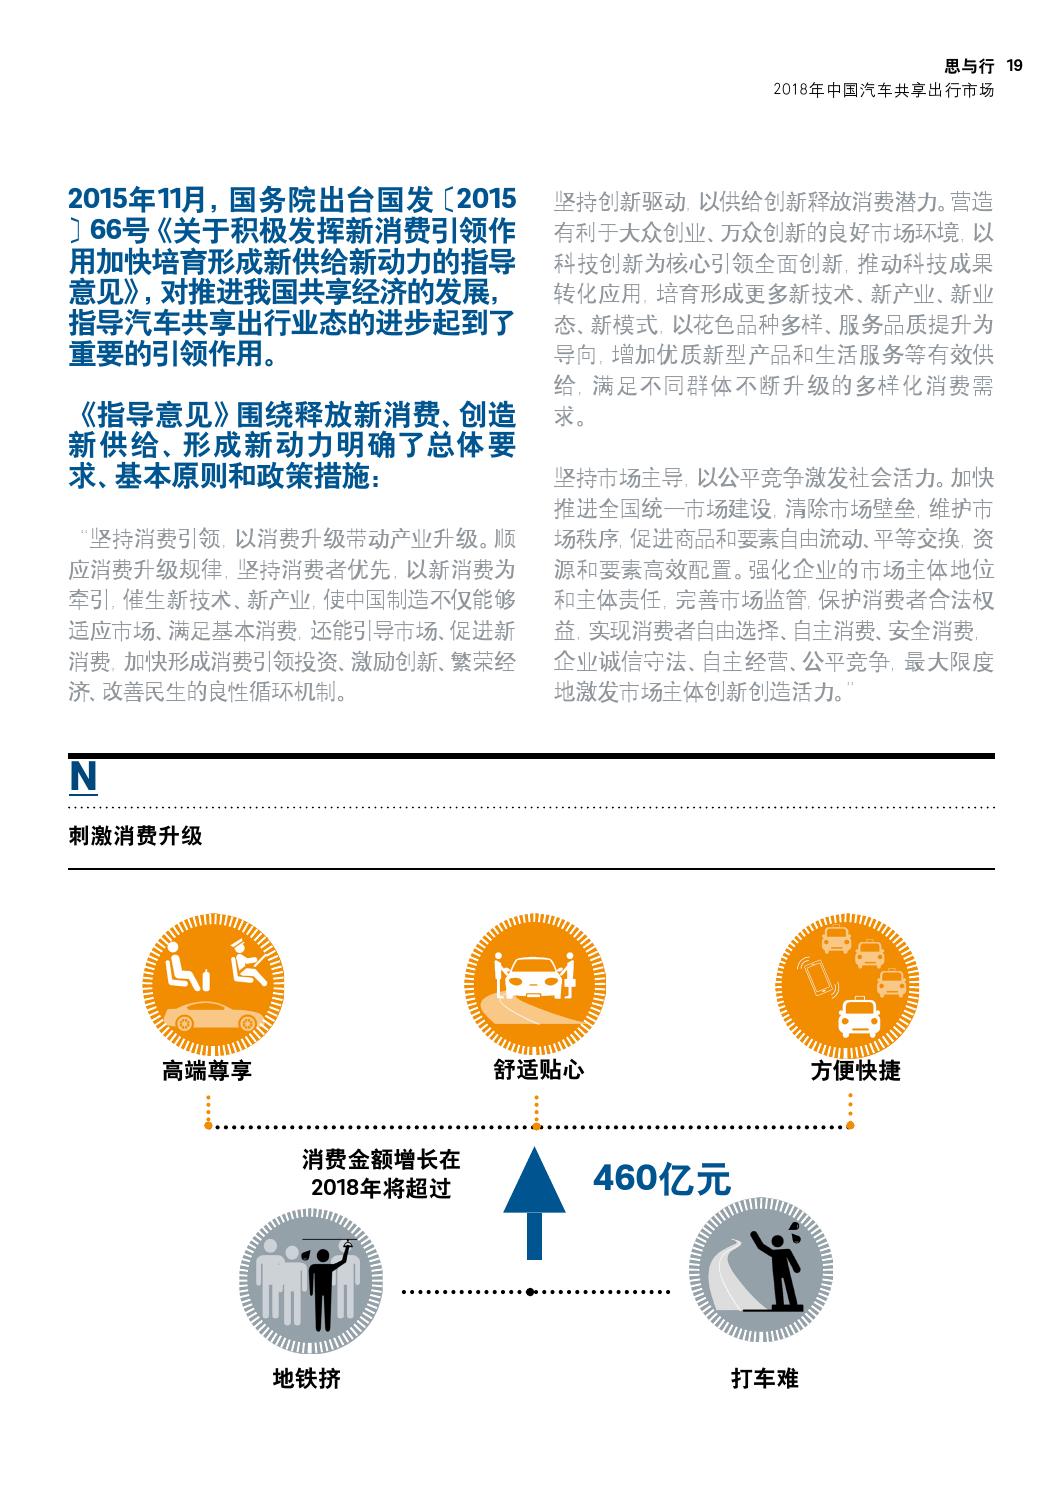 2018年中国汽车共享出行市场分析预测报告_000019